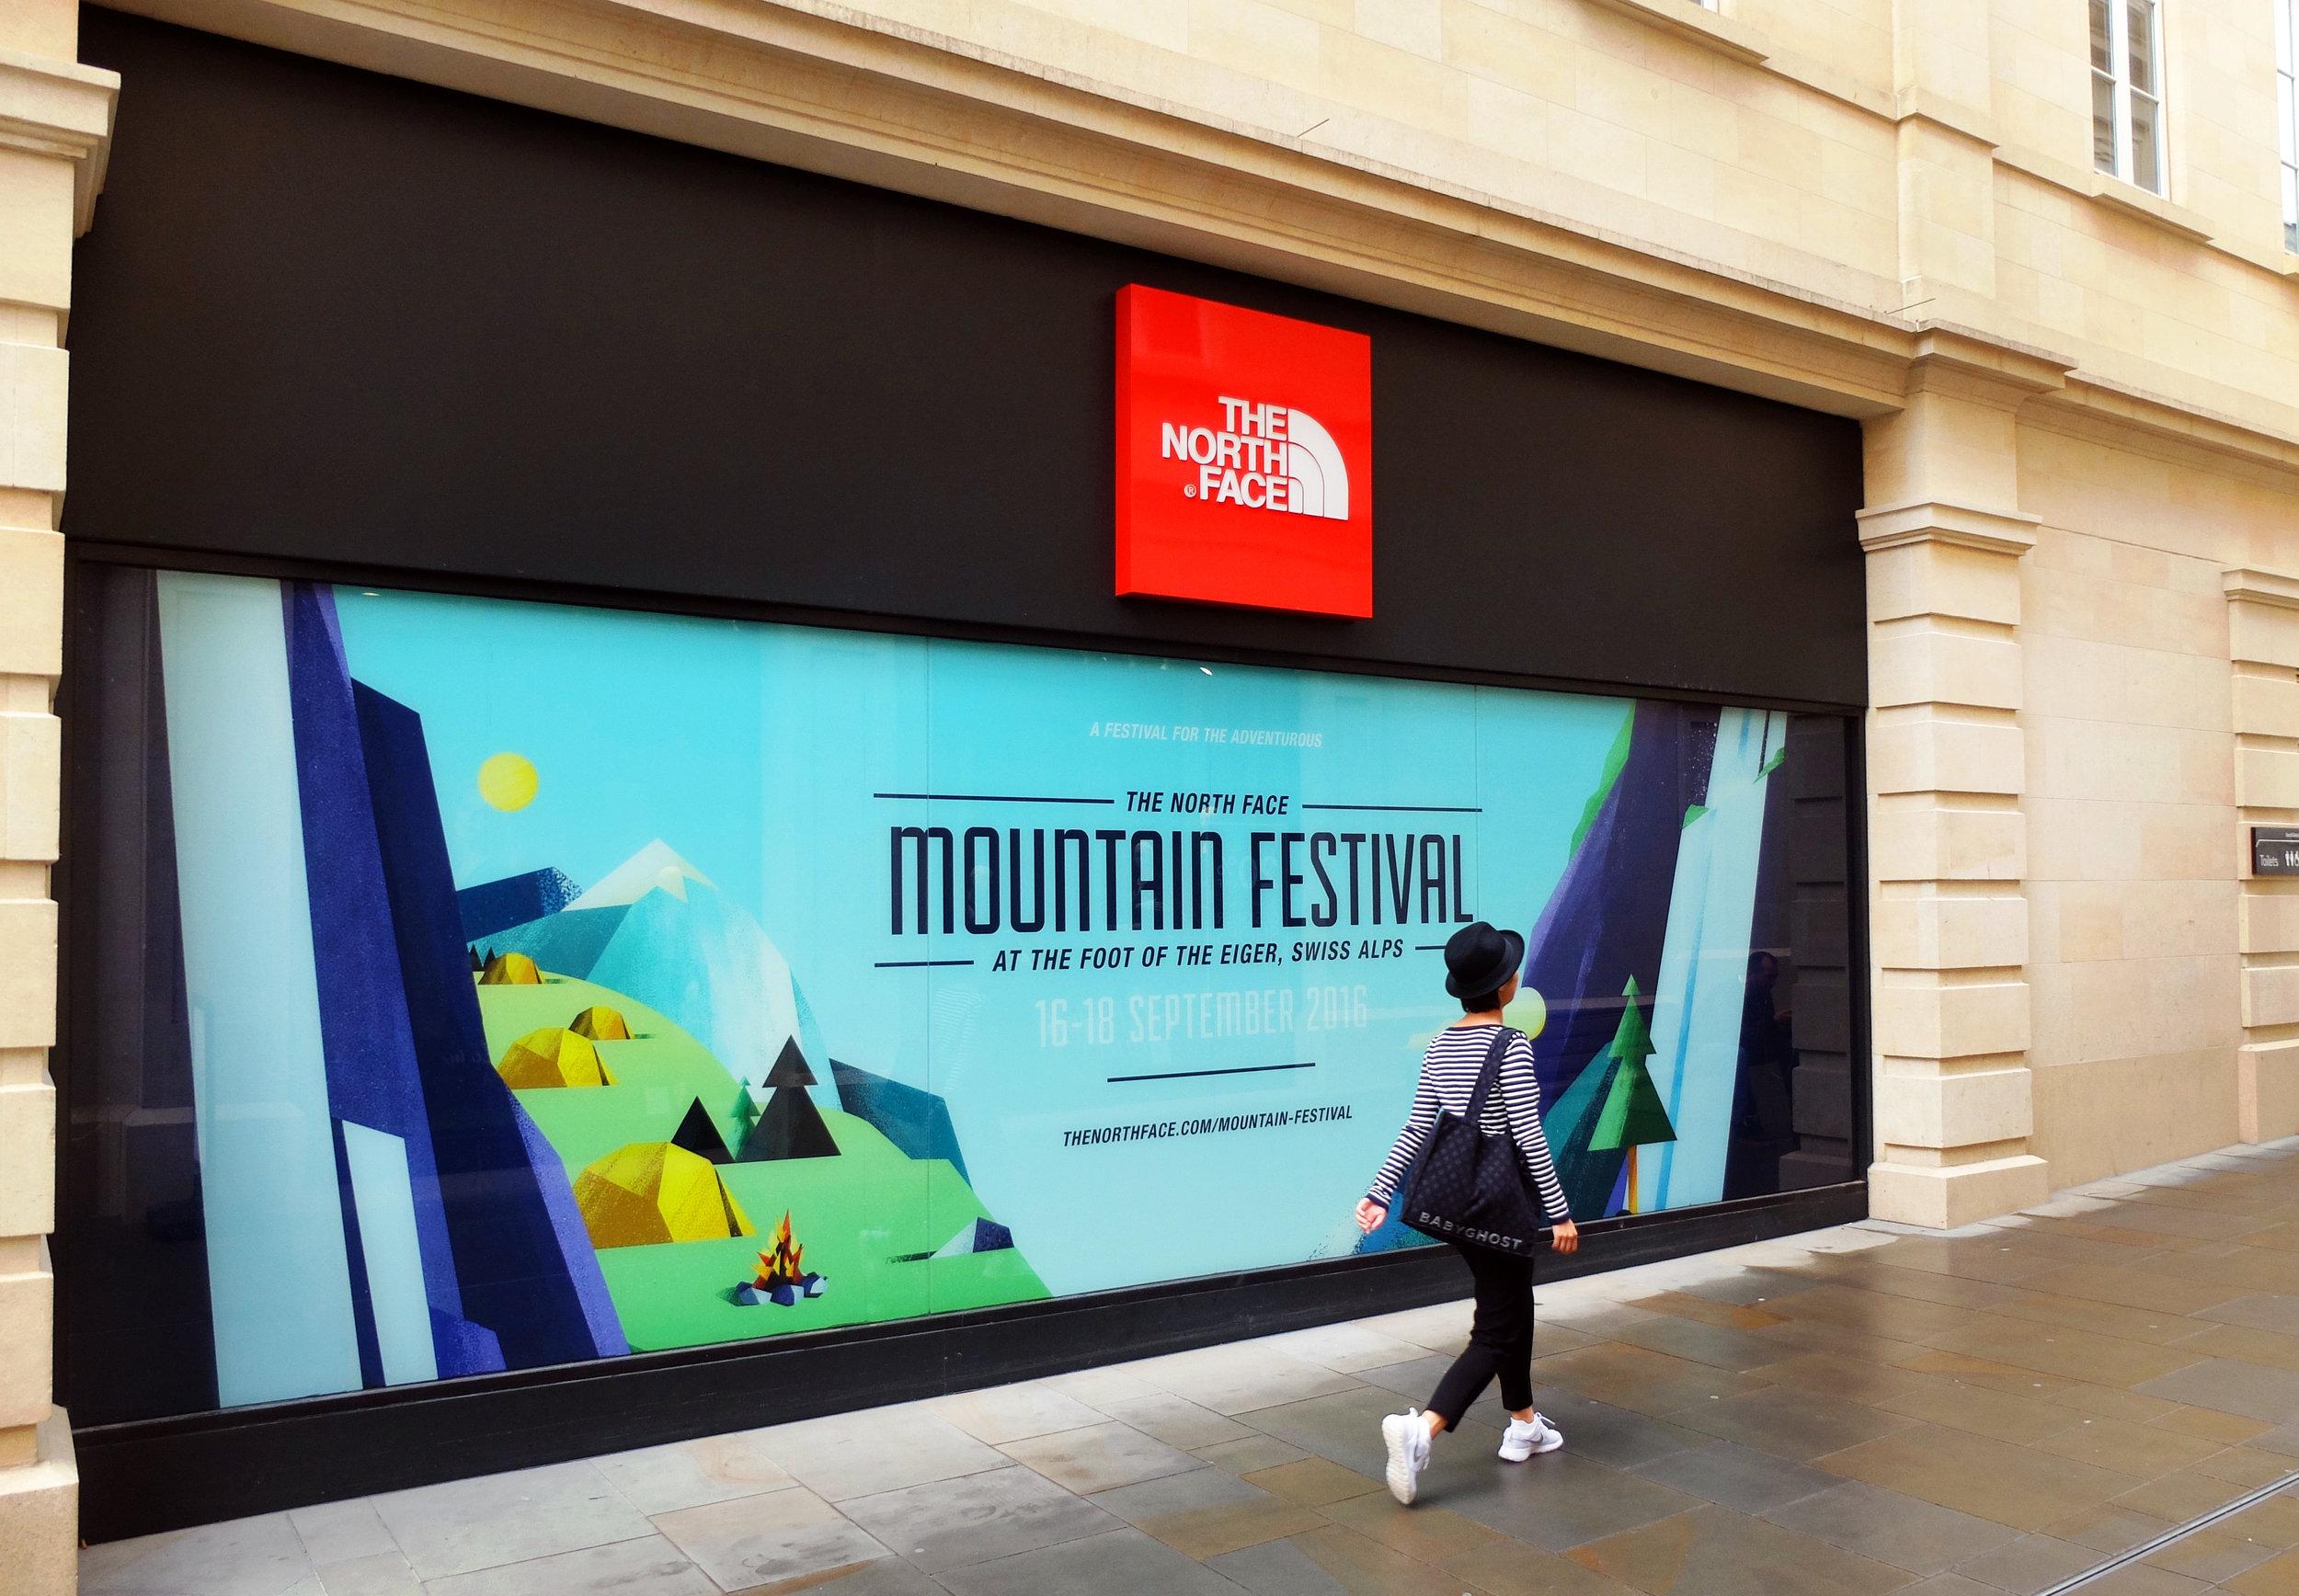 TNF_Mountain_Fest_window.jpg